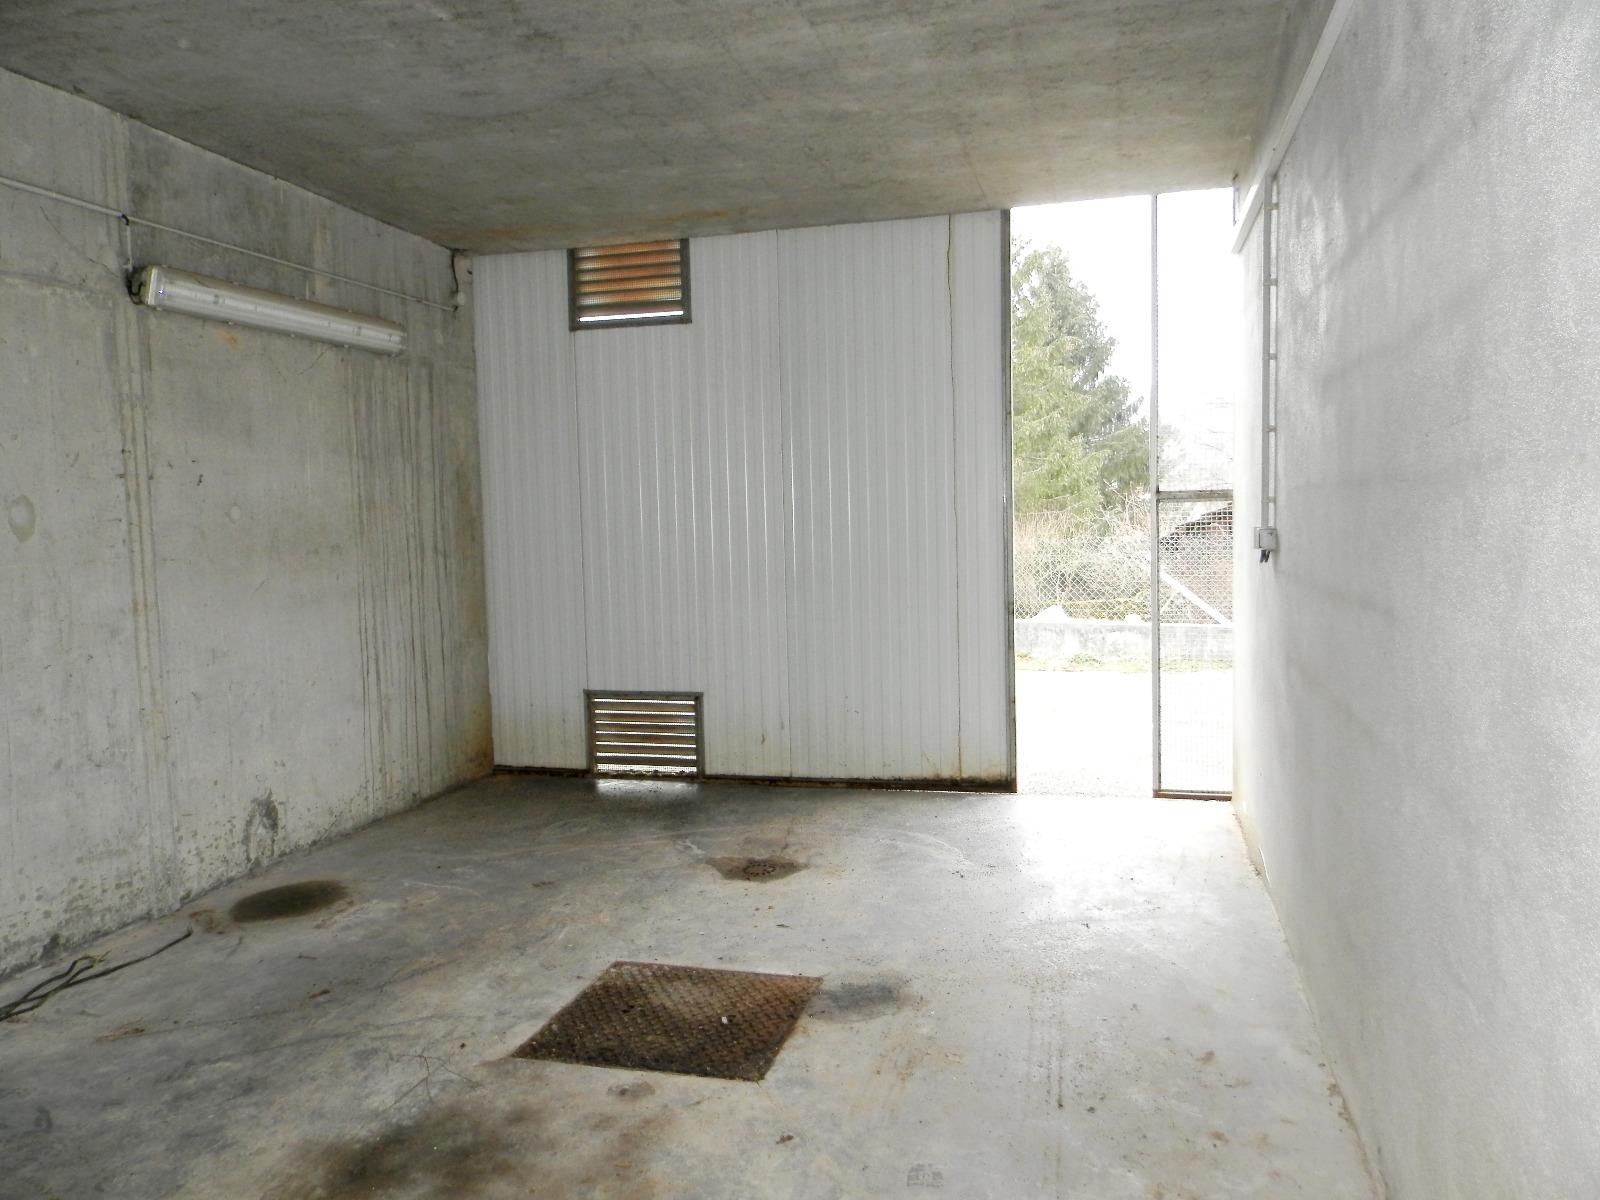 Vente gigny 39 immeuble r nover 400 m 2 garages 3d immobilier - Frais de notaire achat garage ...